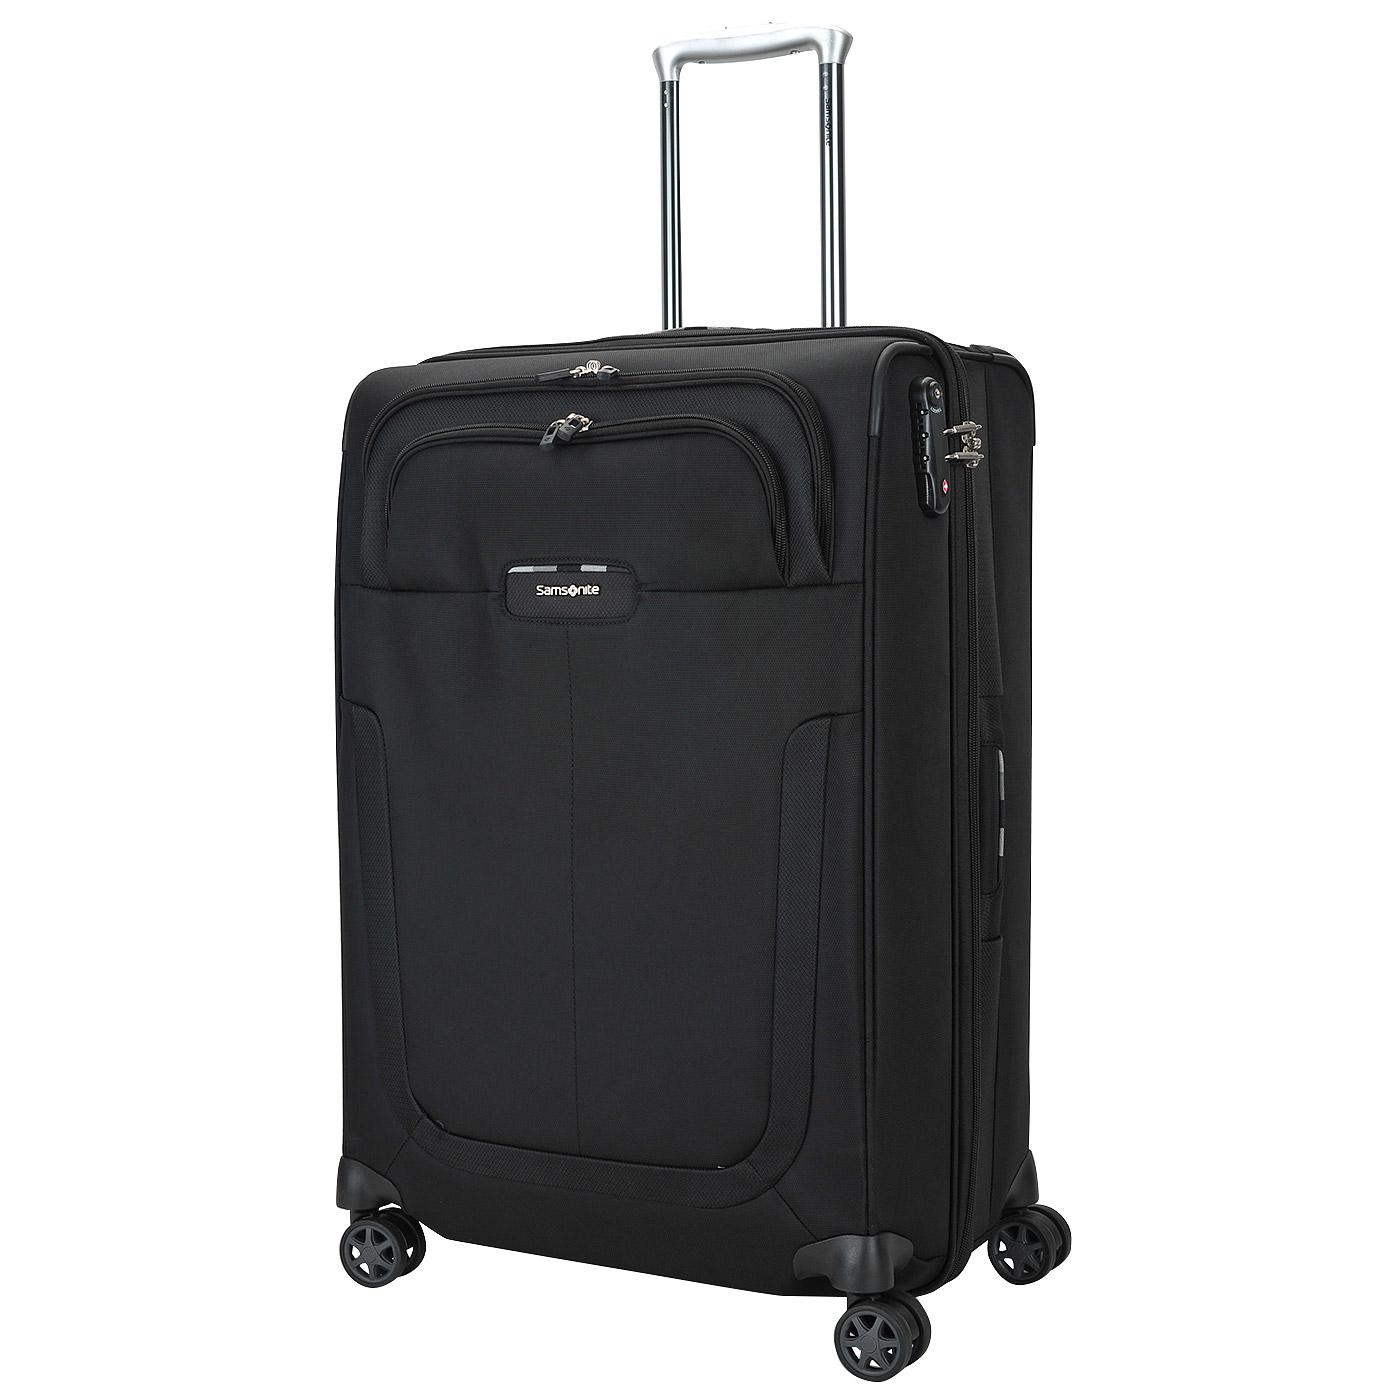 Купить в Москве чемодан samsonite на